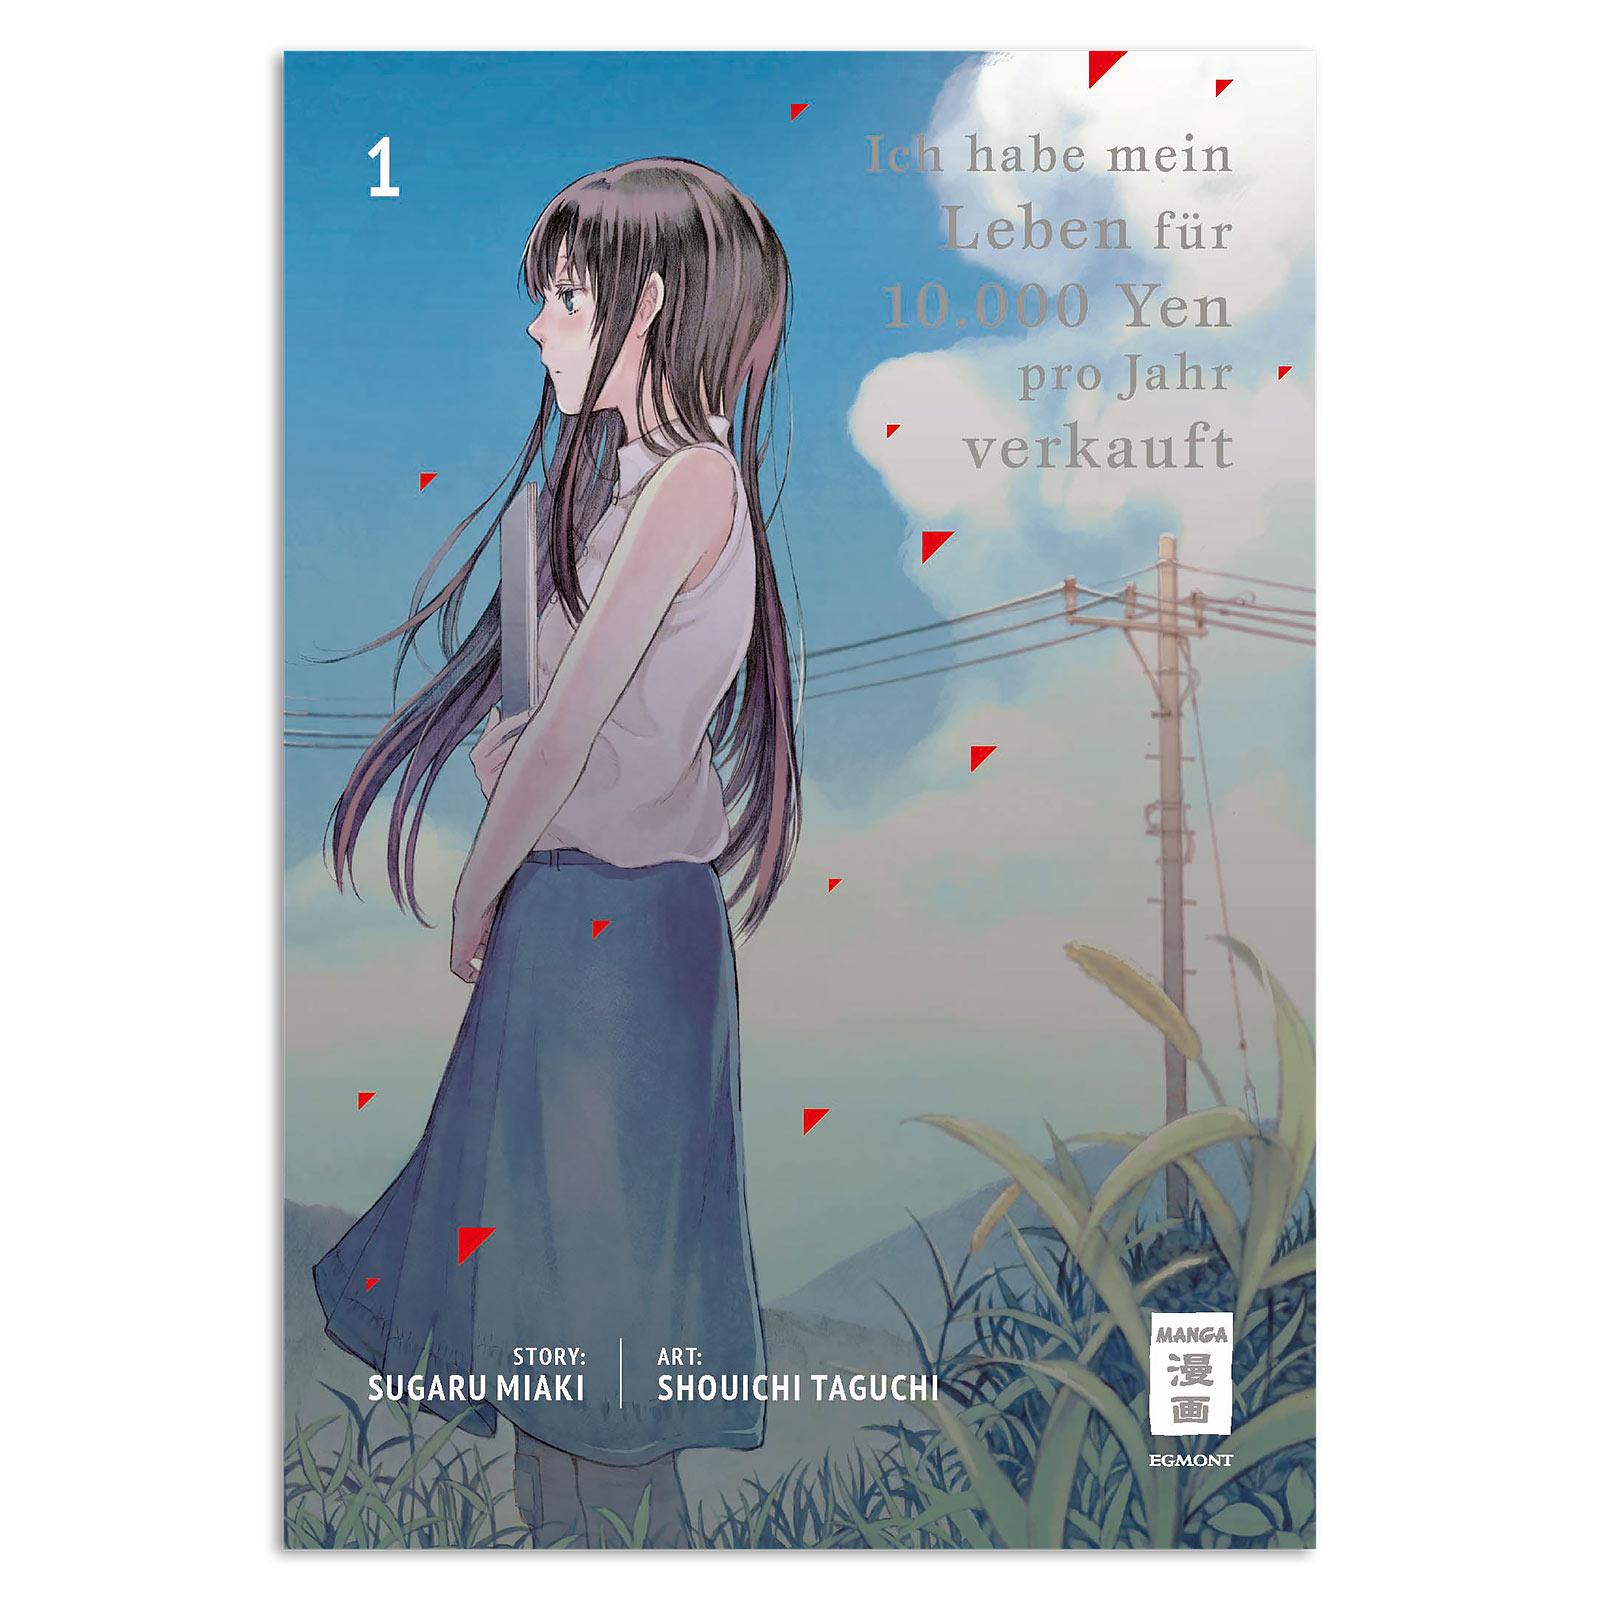 Ich habe mein Leben für 10.000 Yen pro Jahr verkauft - Band 1 Taschenbuch